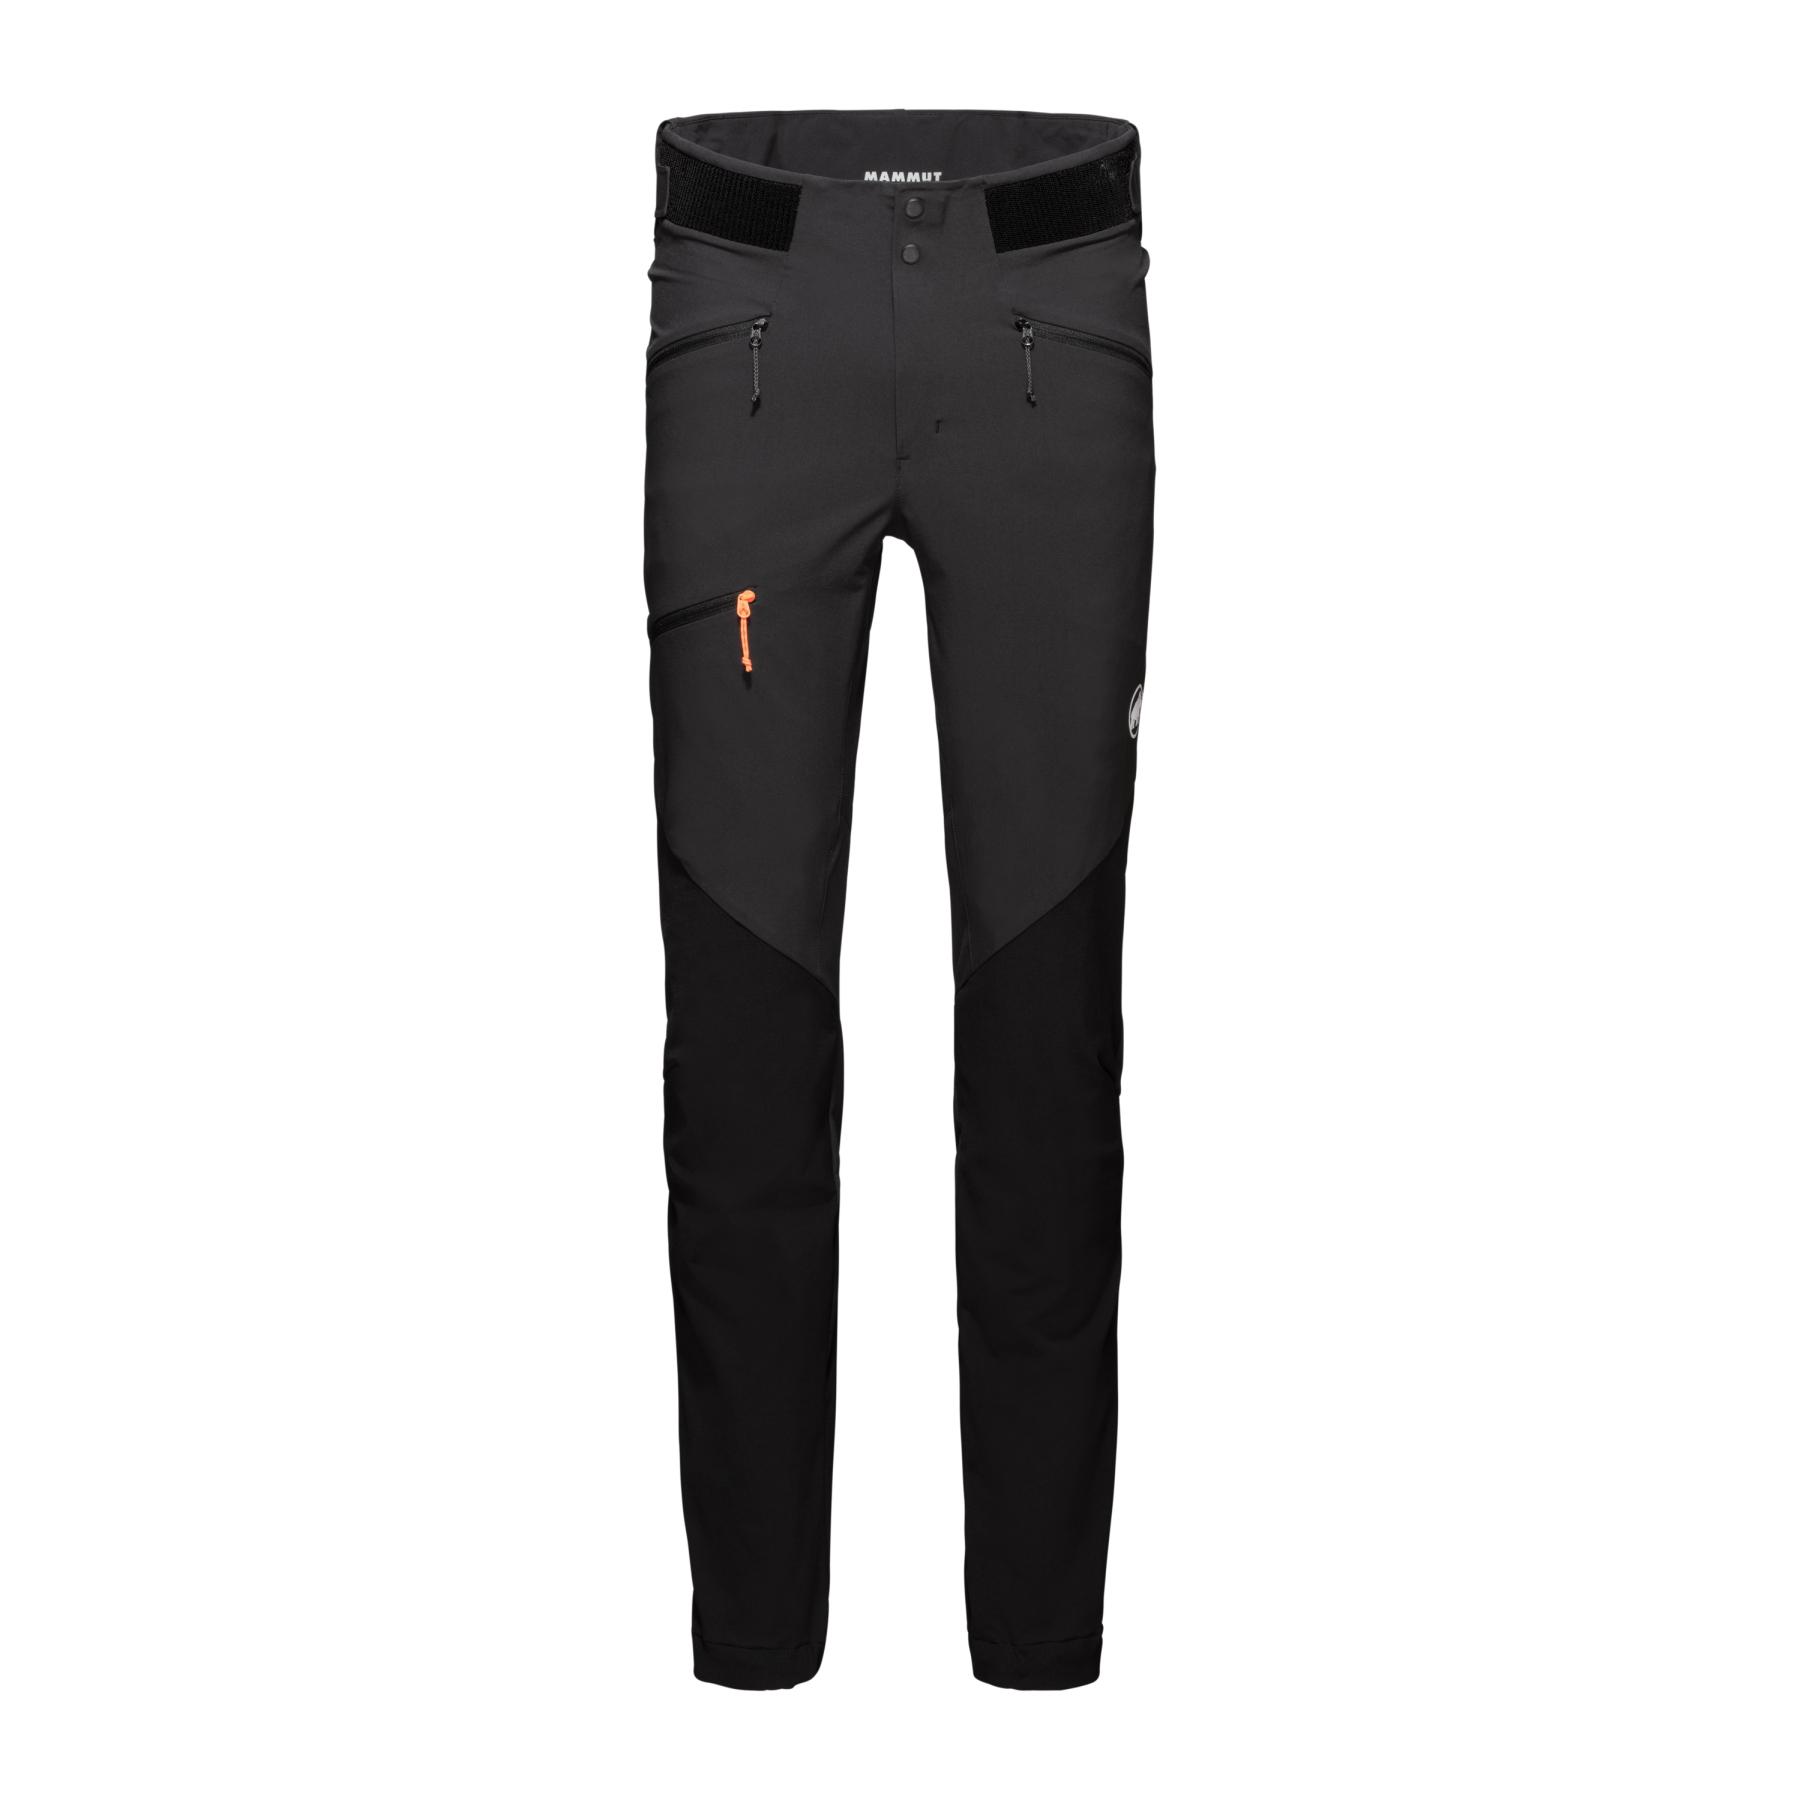 Foto de Mammut Courmayeur SO Pantalones para hombre - black